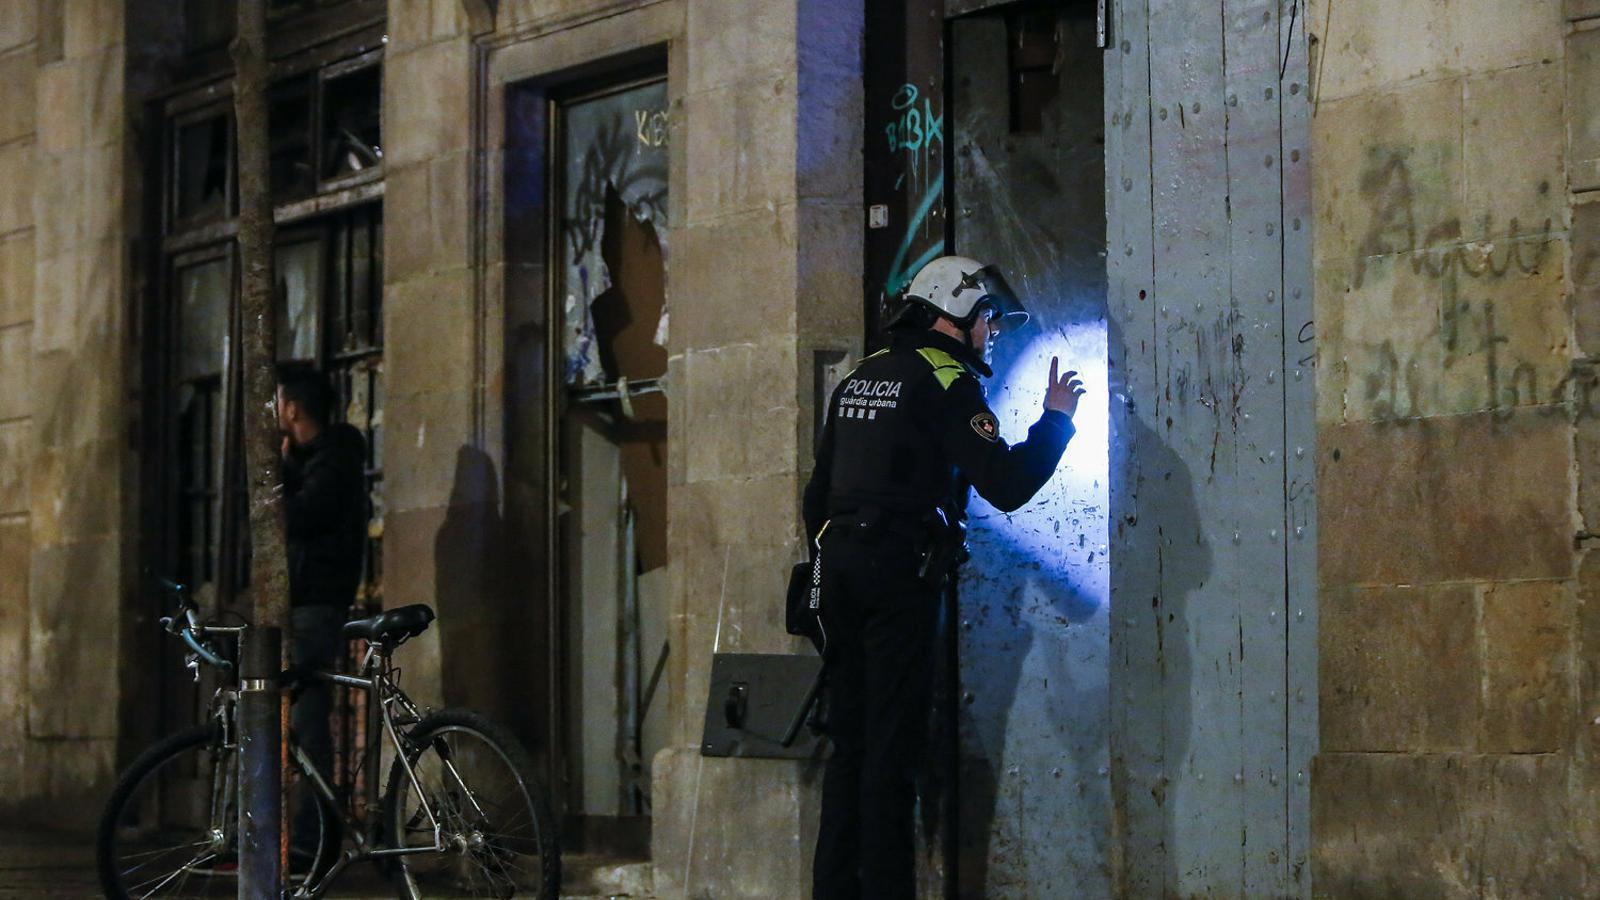 La policia aprofita el confinament per posar setge als narcopisos